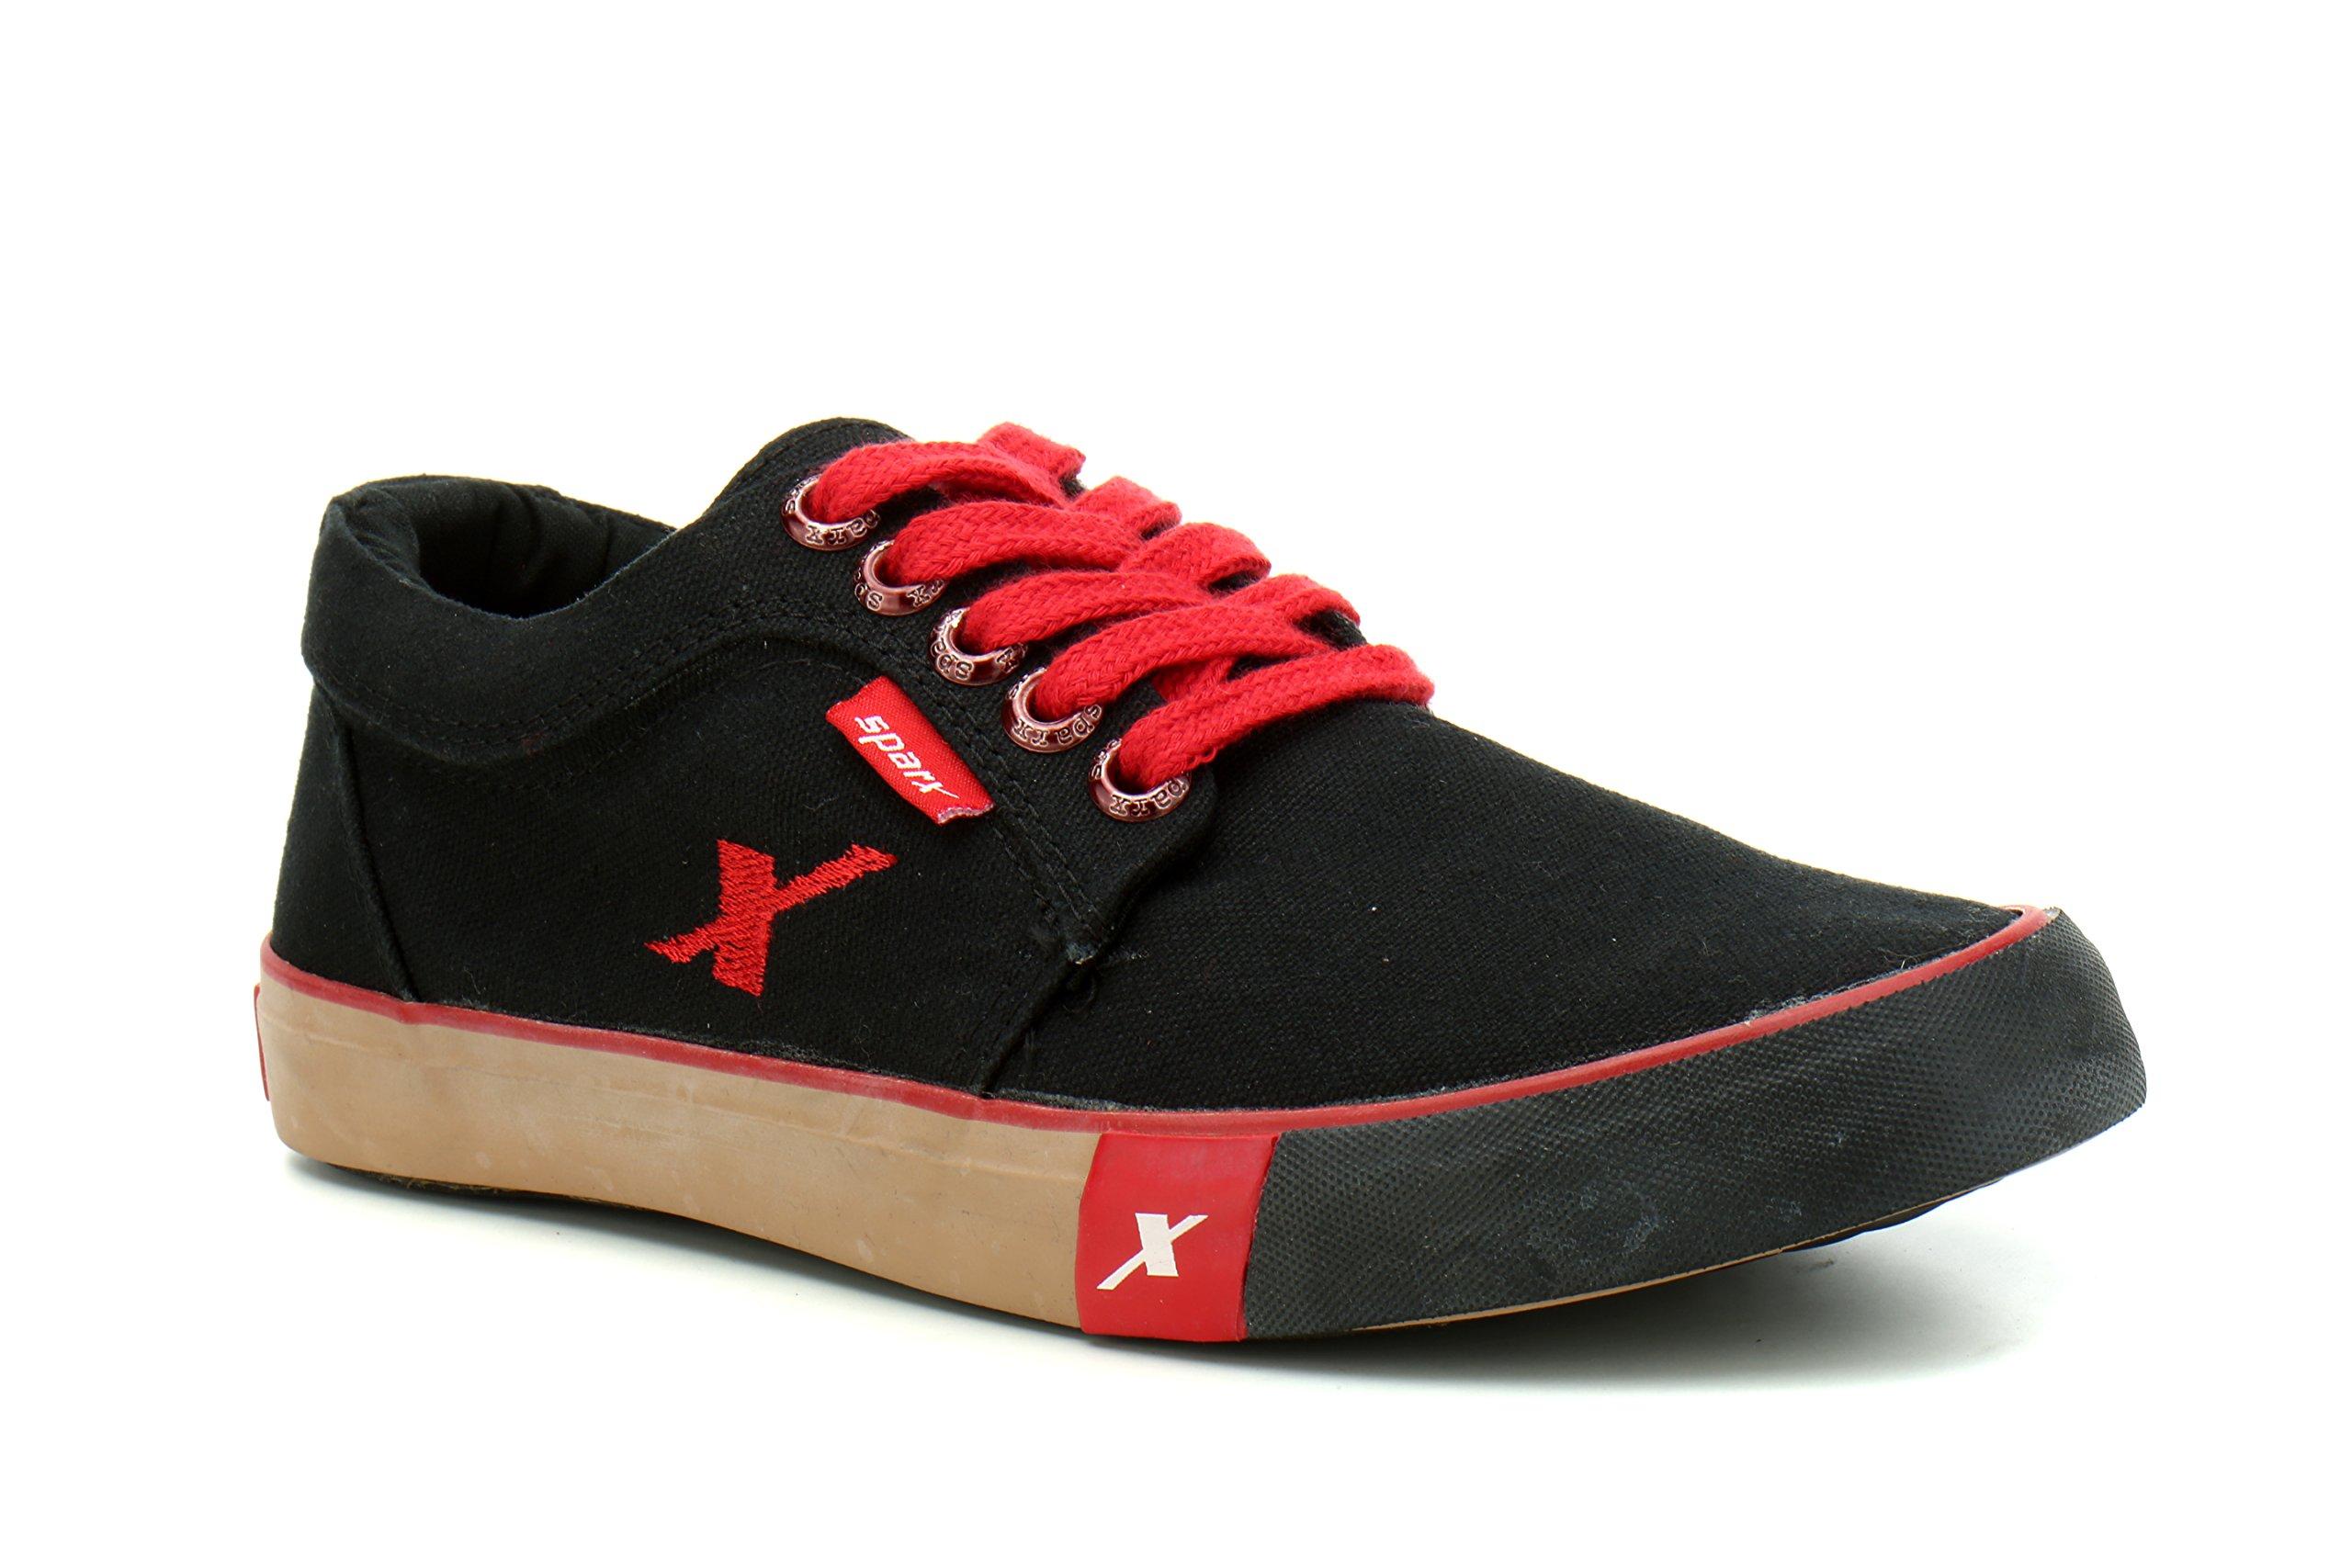 Sparx Men's Canvas Sneaker- Buy Online